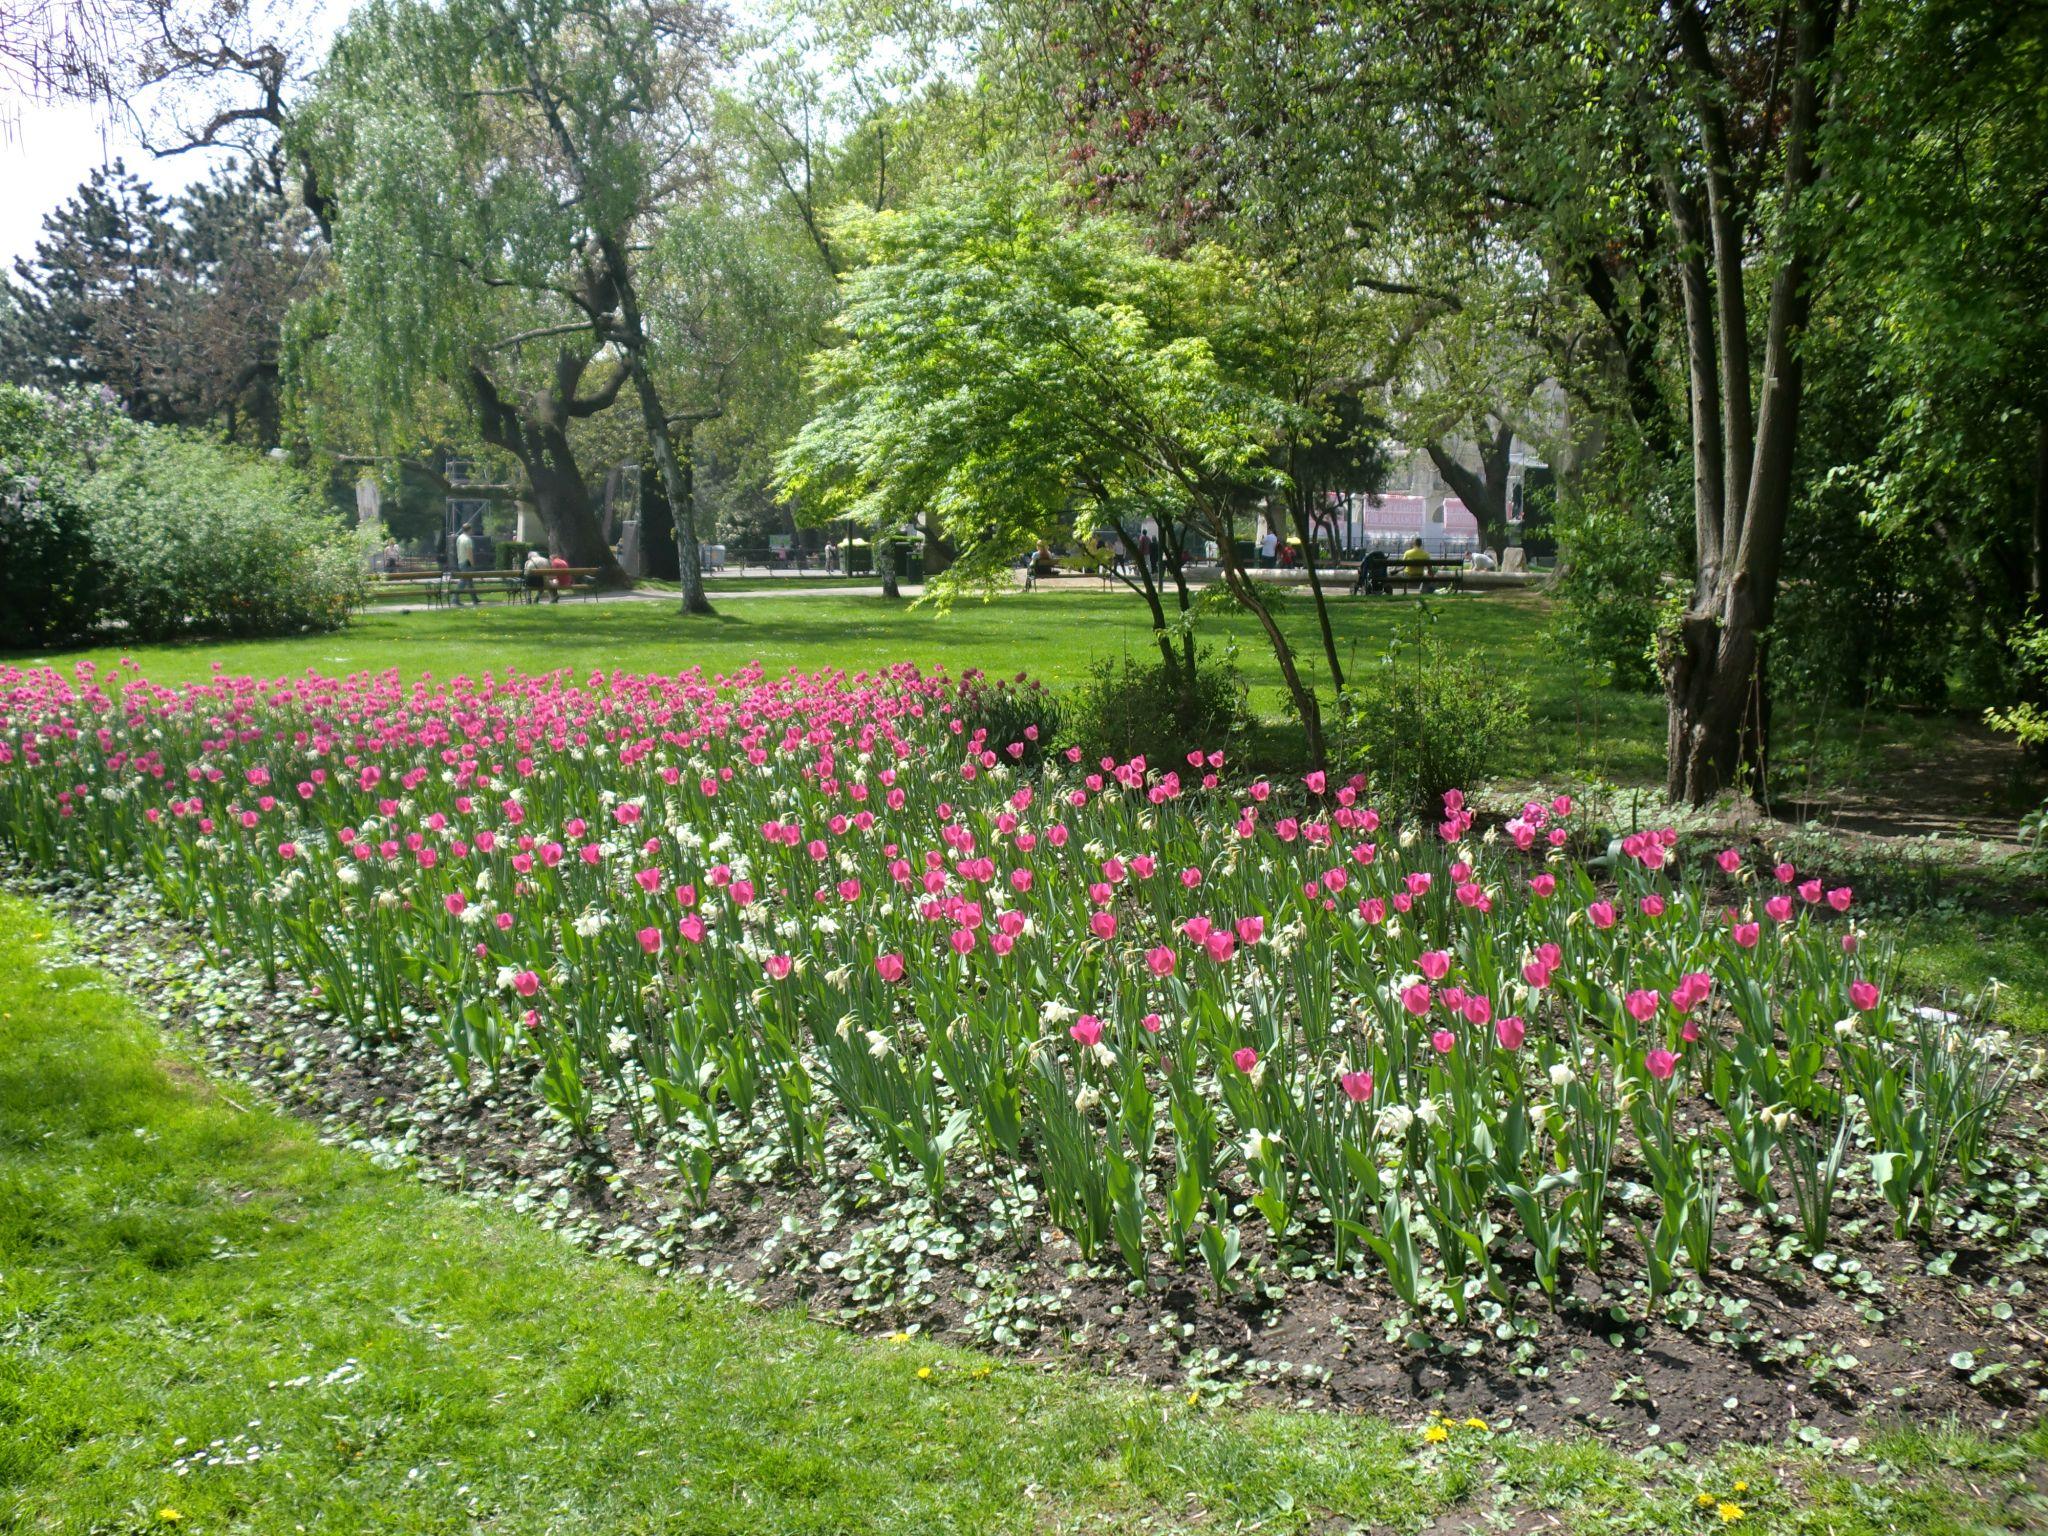 Vienna park 8 1440x1080 - Vienna: elegant beauty